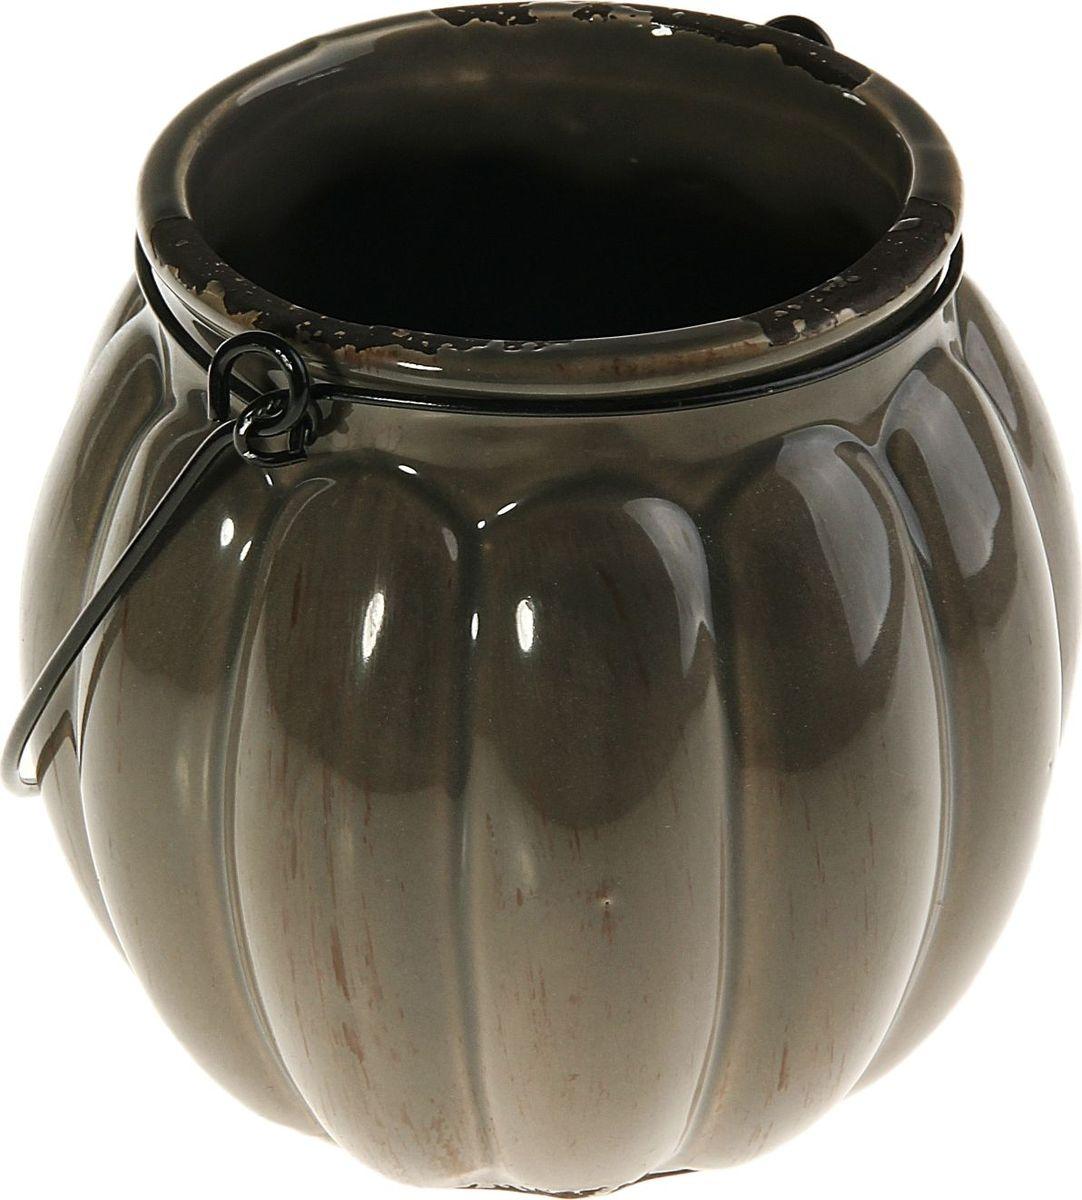 Кашпо Дынька, 1-2 л829880Комнатные растения — всеобщие любимцы. Они радуют глаз, насыщают помещение кислородом и украшают пространство. Каждому из них необходим свой удобный и красивый дом. Кашпо из керамики прекрасно подходят для высадки растений: за счёт пластичности глины и разных способов обработки существует великое множество форм и дизайновпористый материал позволяет испаряться лишней влагевоздух, необходимый для дыхания корней, проникает сквозь керамические стенки! #name# позаботится о зелёном питомце, освежит интерьер и подчеркнёт его стиль.